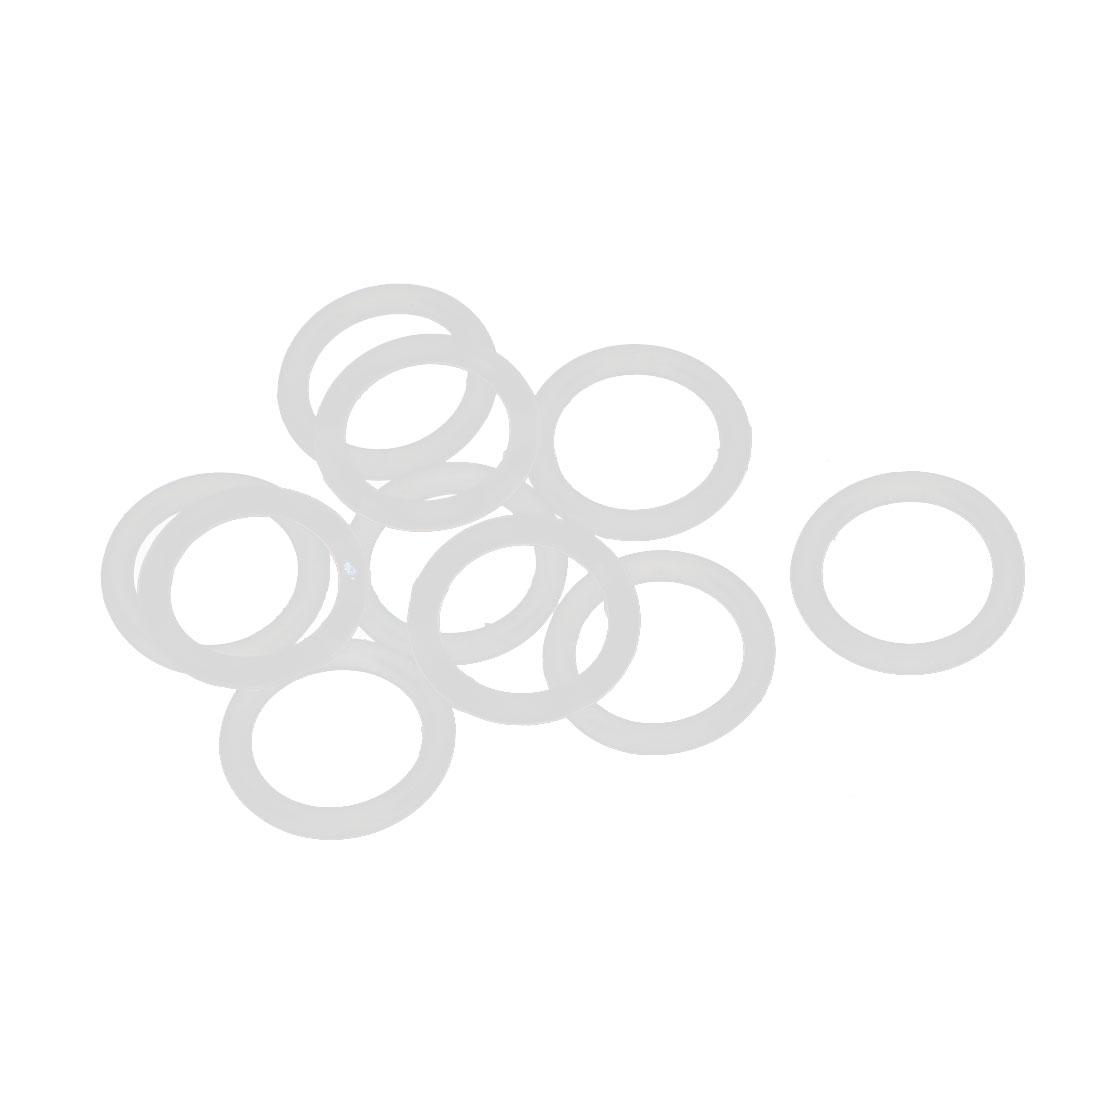 10 Pcs Silica Gel O-rings Sealing Rings 14mm x 2mm White Gasket Washer